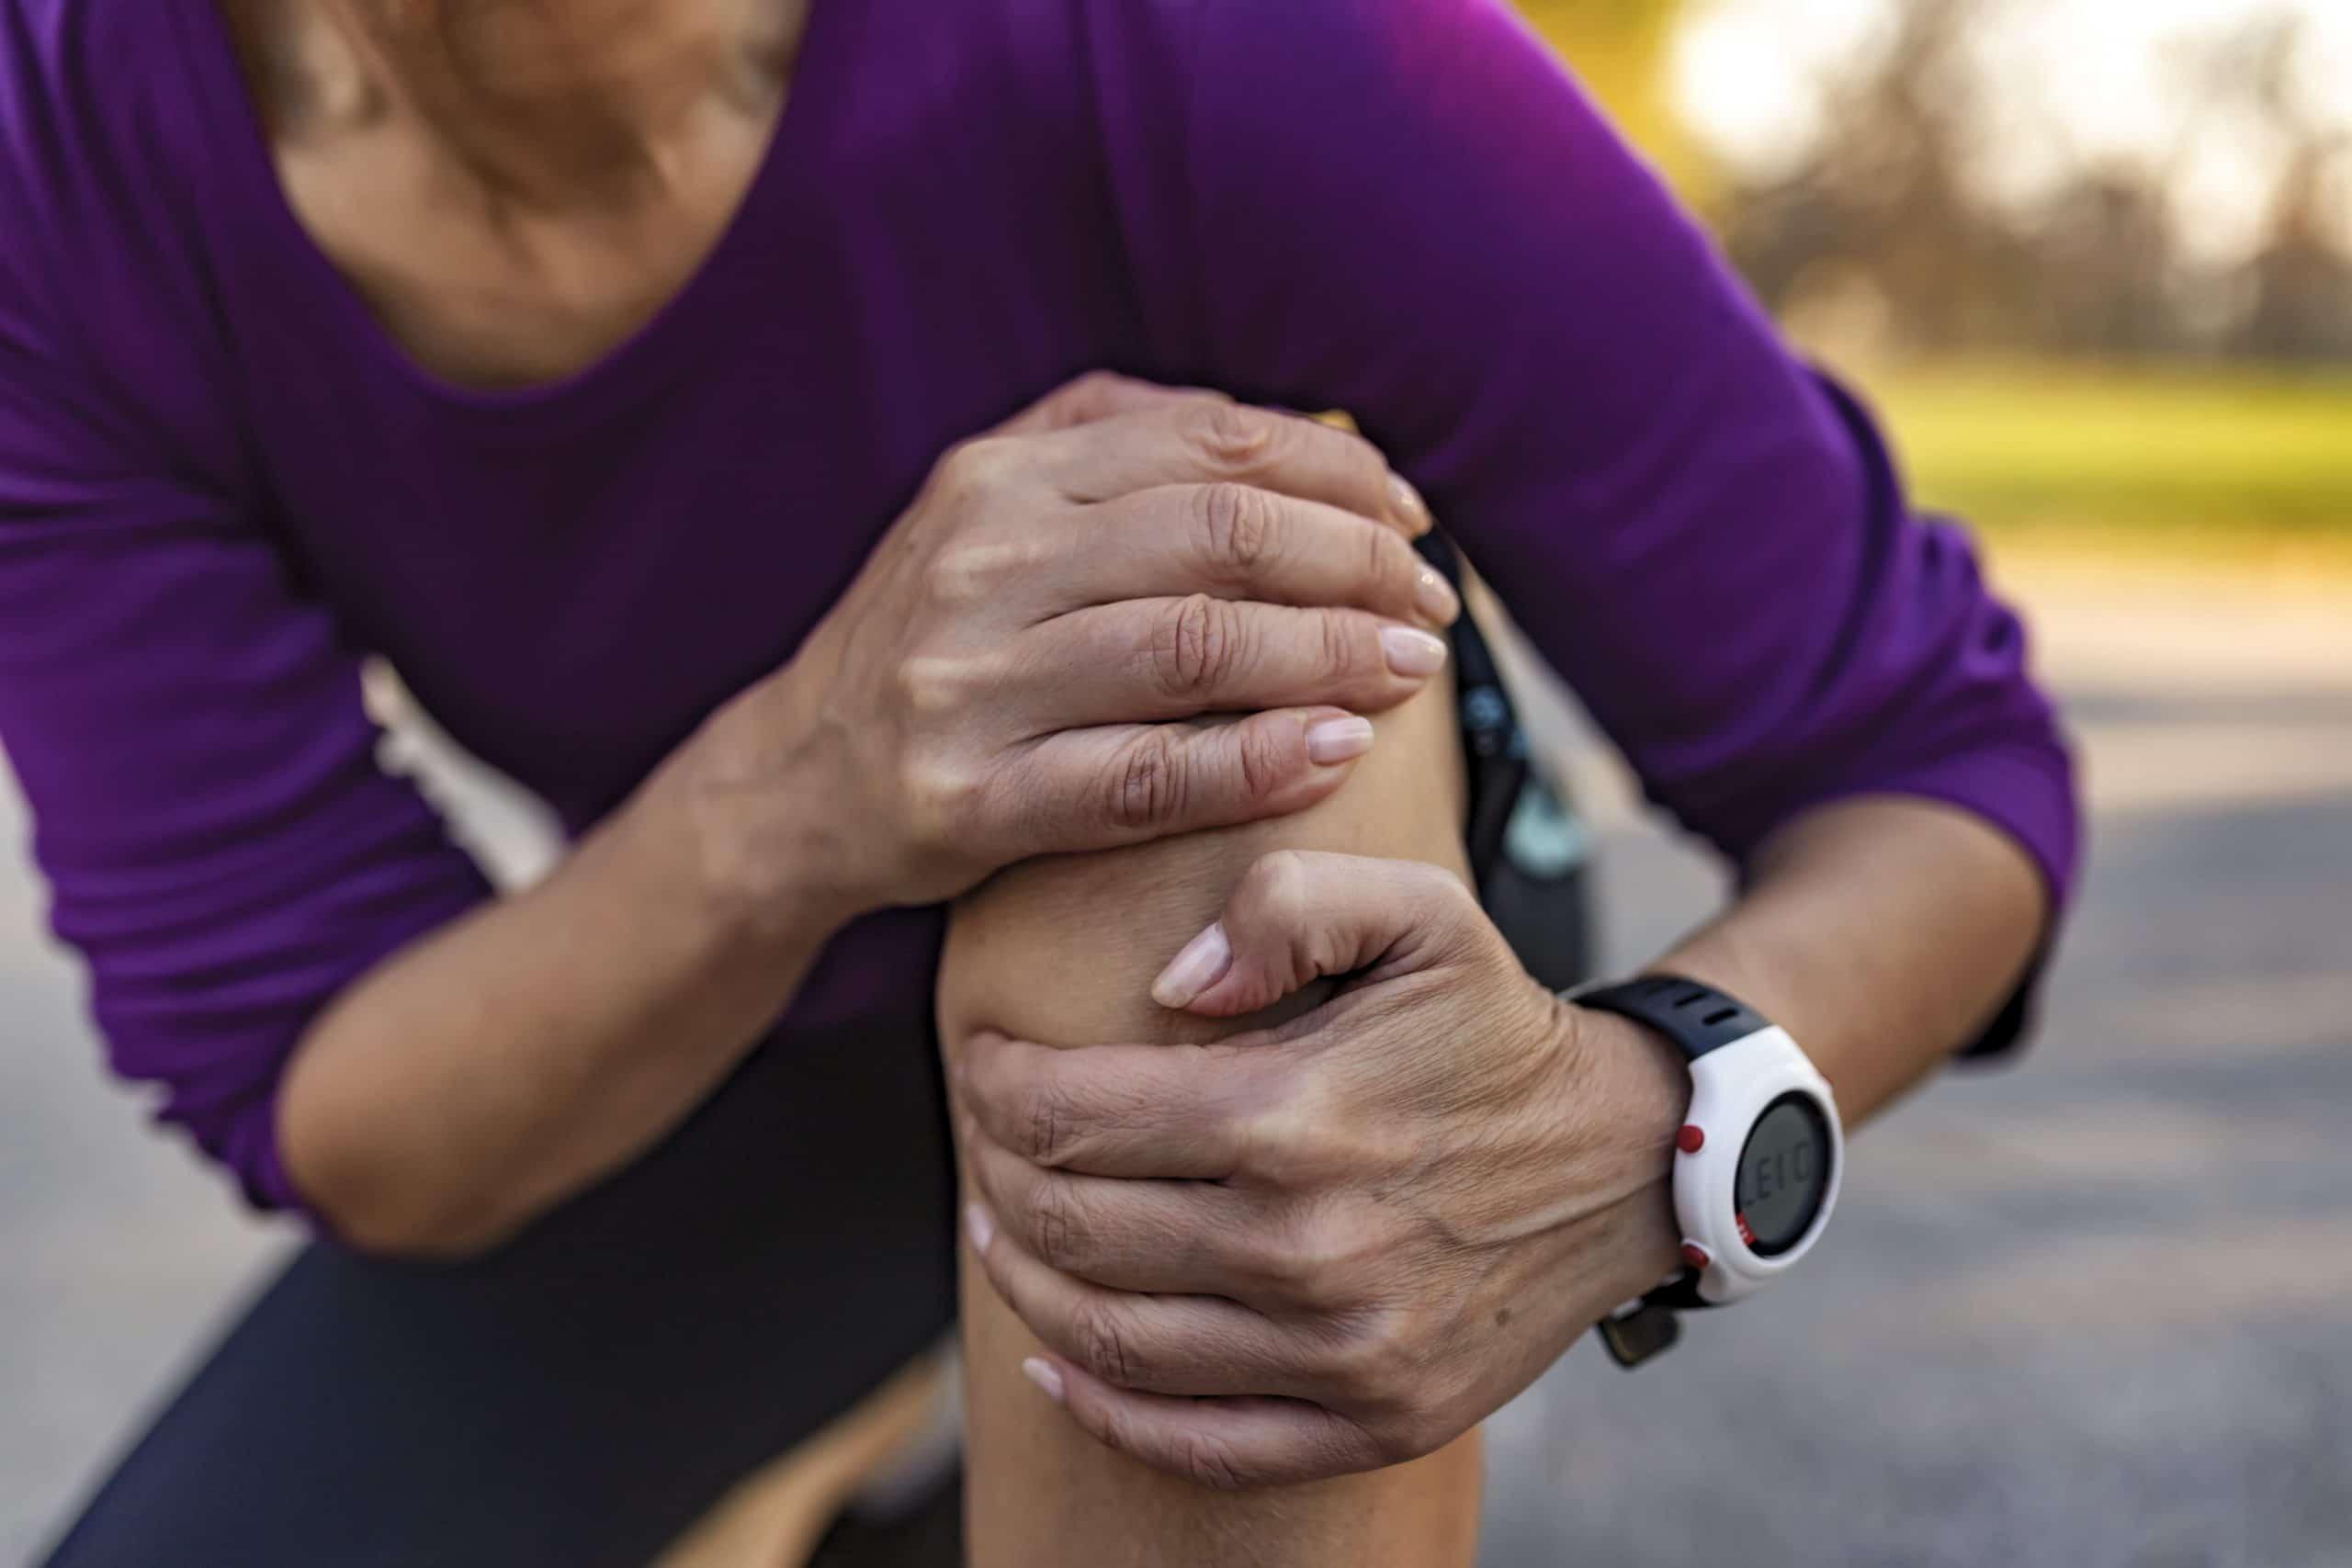 Folk oiguskaitsevahendid arthroosi loualuude raviks Salv haiged olaliidetes